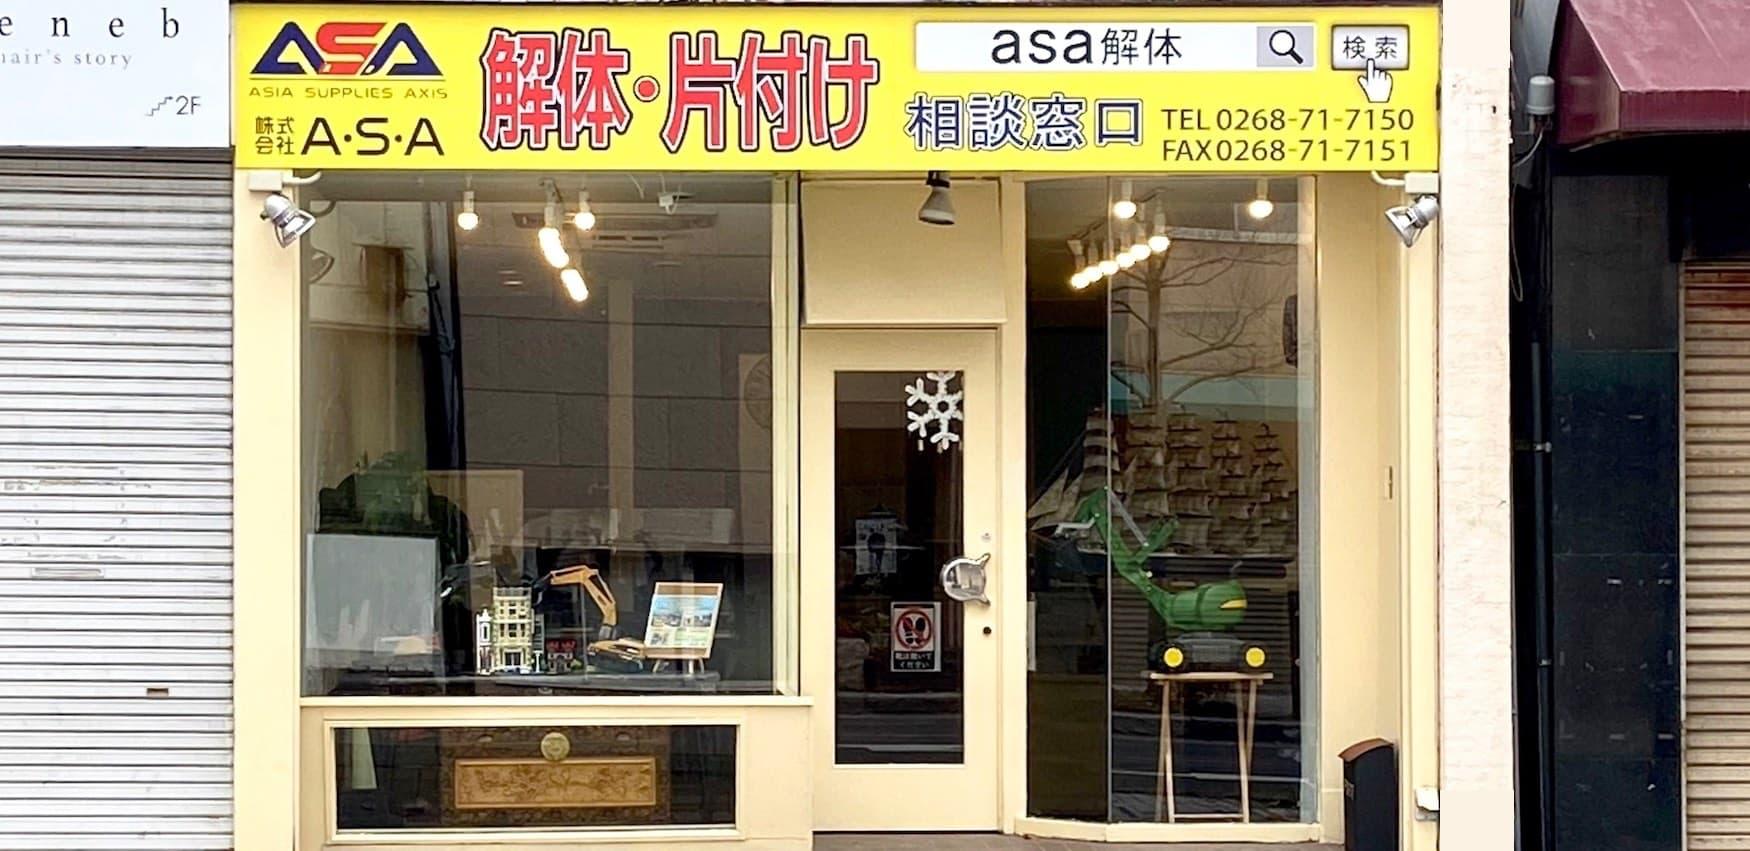 解体工事・不用品処分相談窓口のASA上田事務所